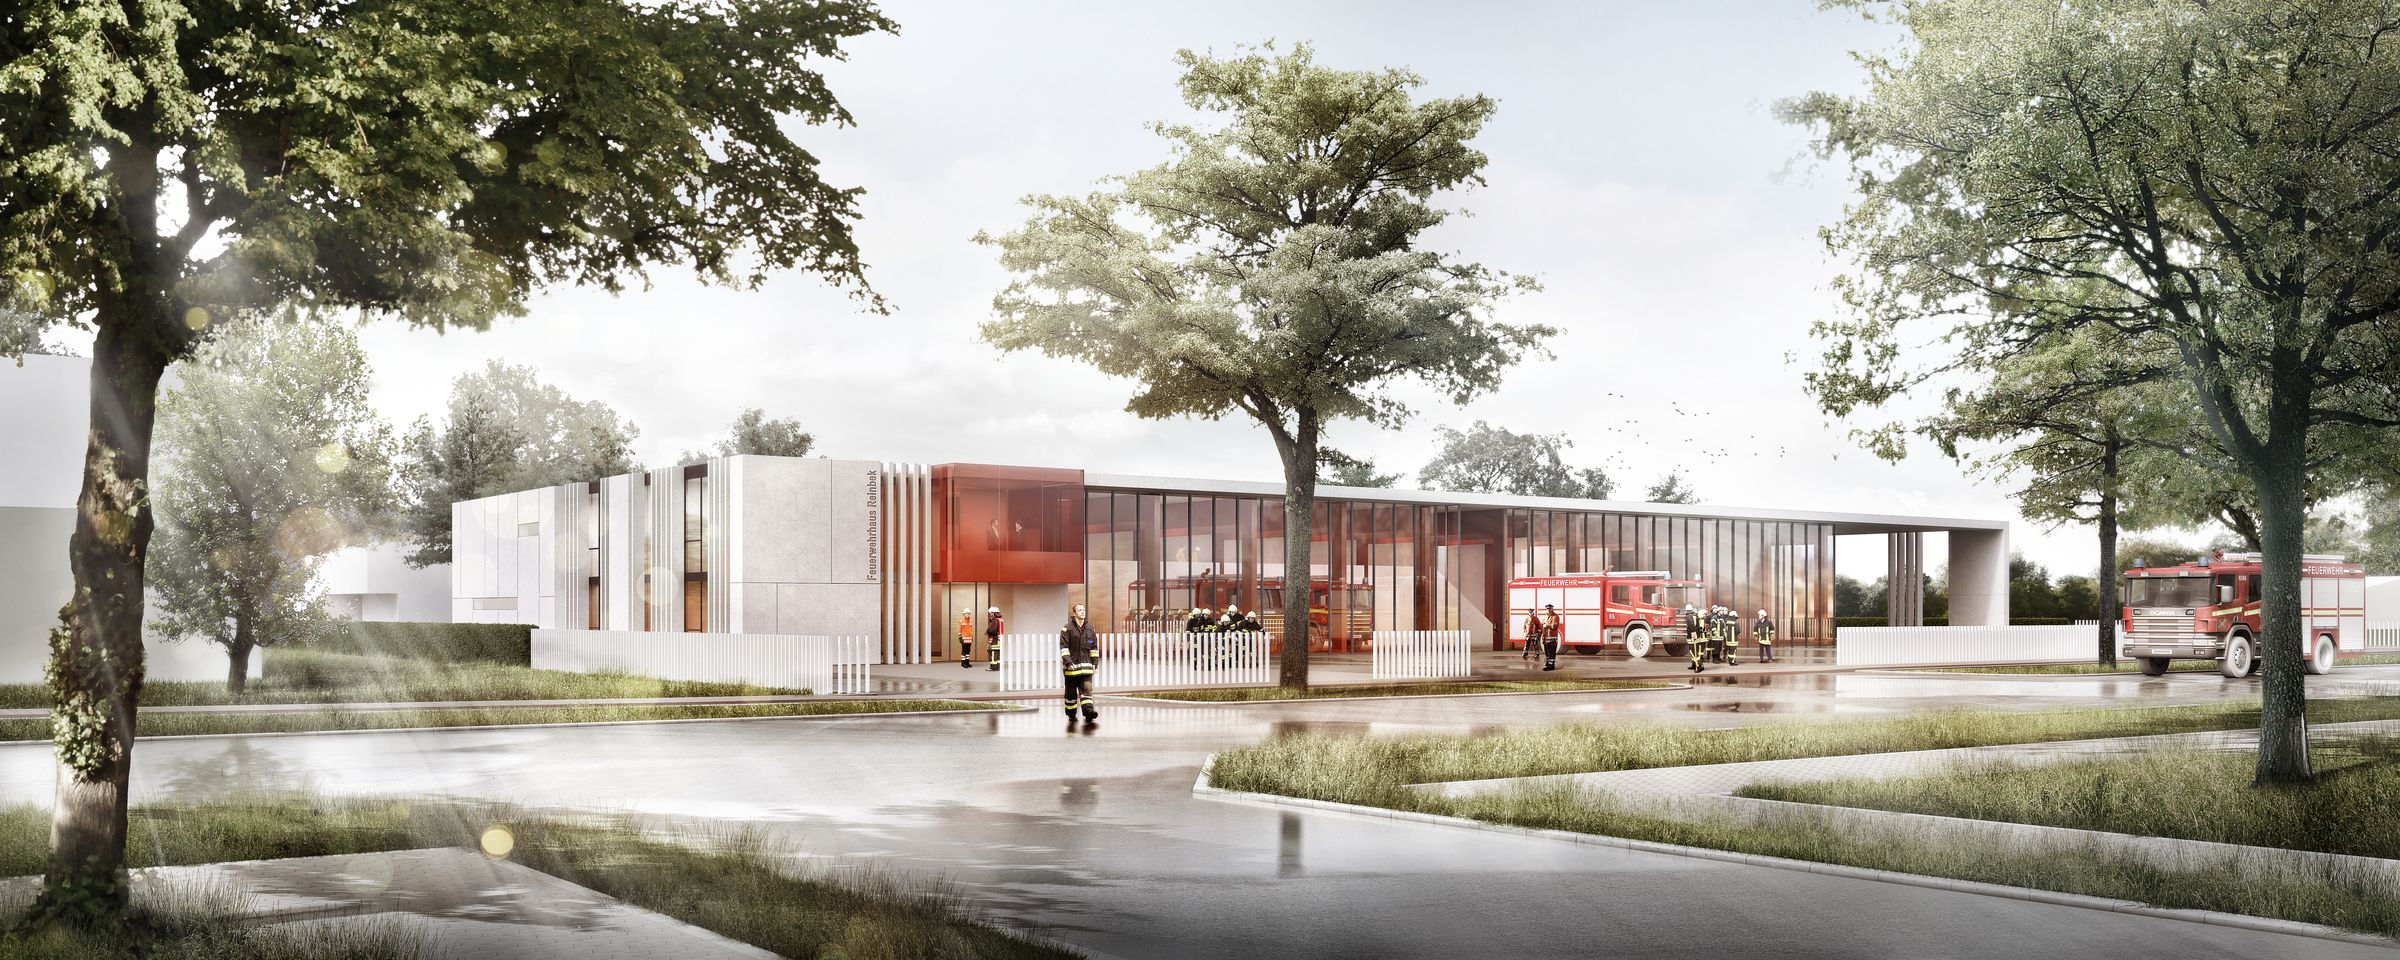 HN_Architekten_Feuerwehr_150528_03